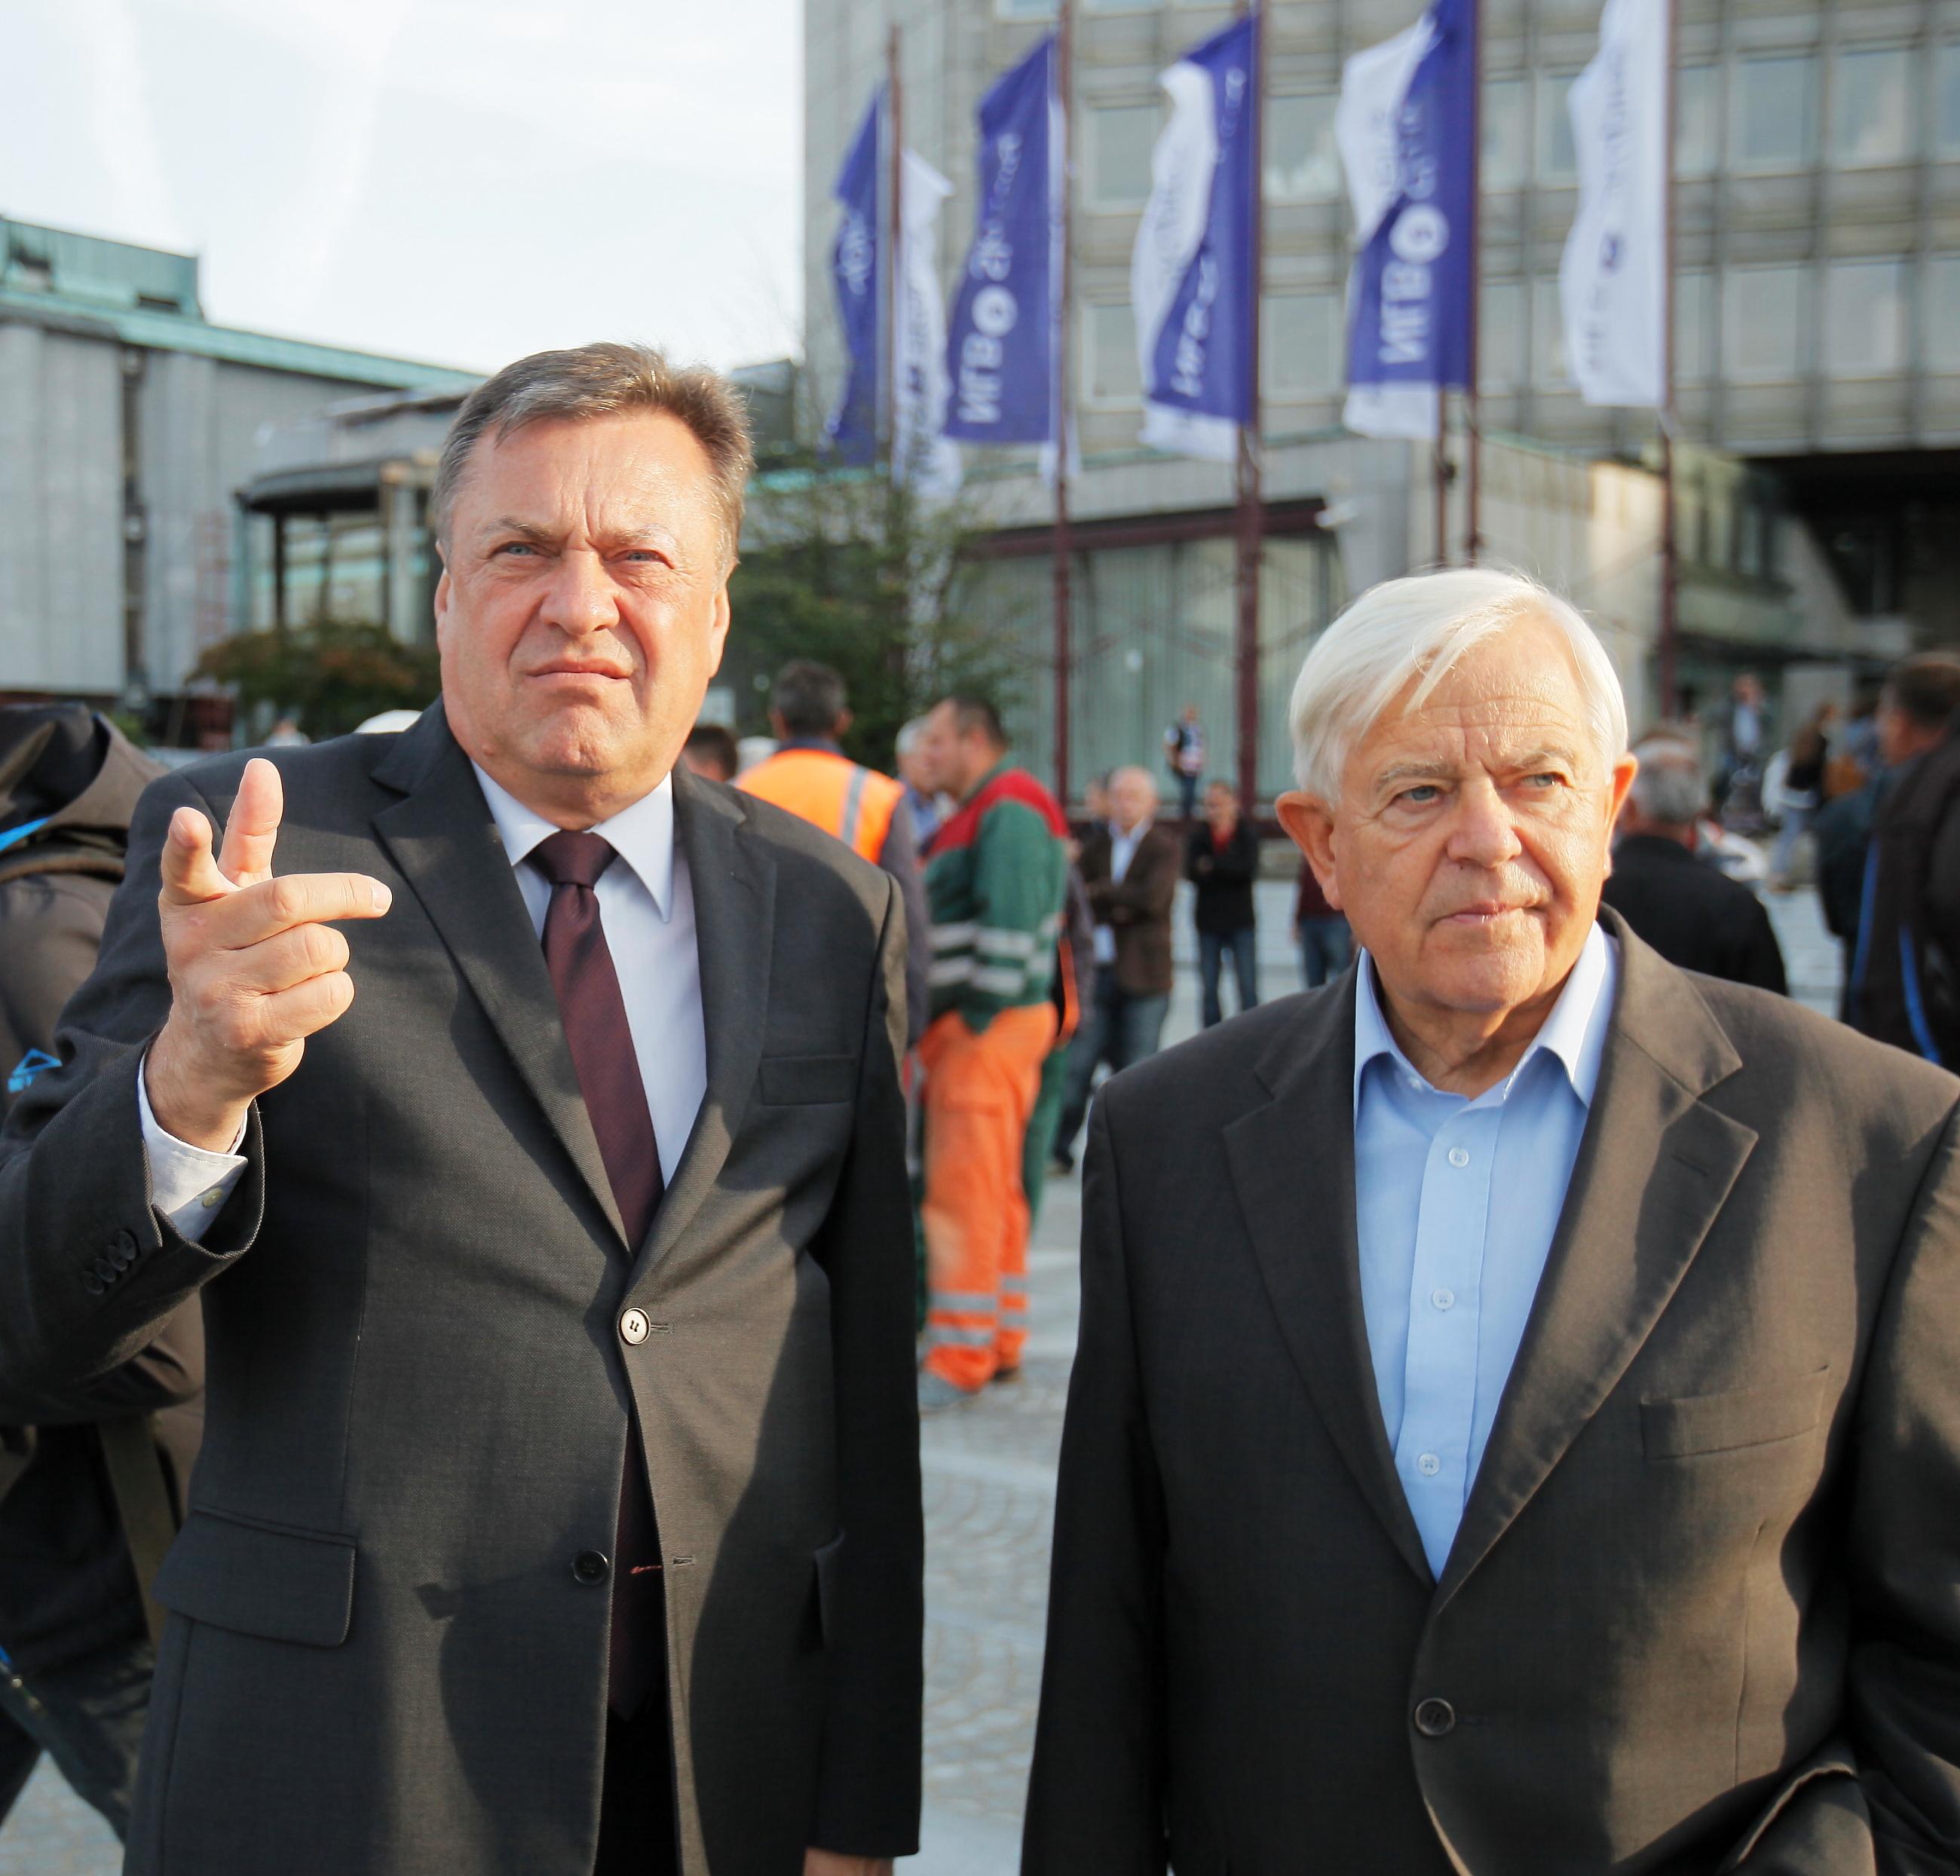 Ali zaradi svojega političnega angažmaja Zoran Jankovića proti Janezu Janši je večno pravniško in kazenko zaščiten v krogih Milana Kučana ( Foto: STA)